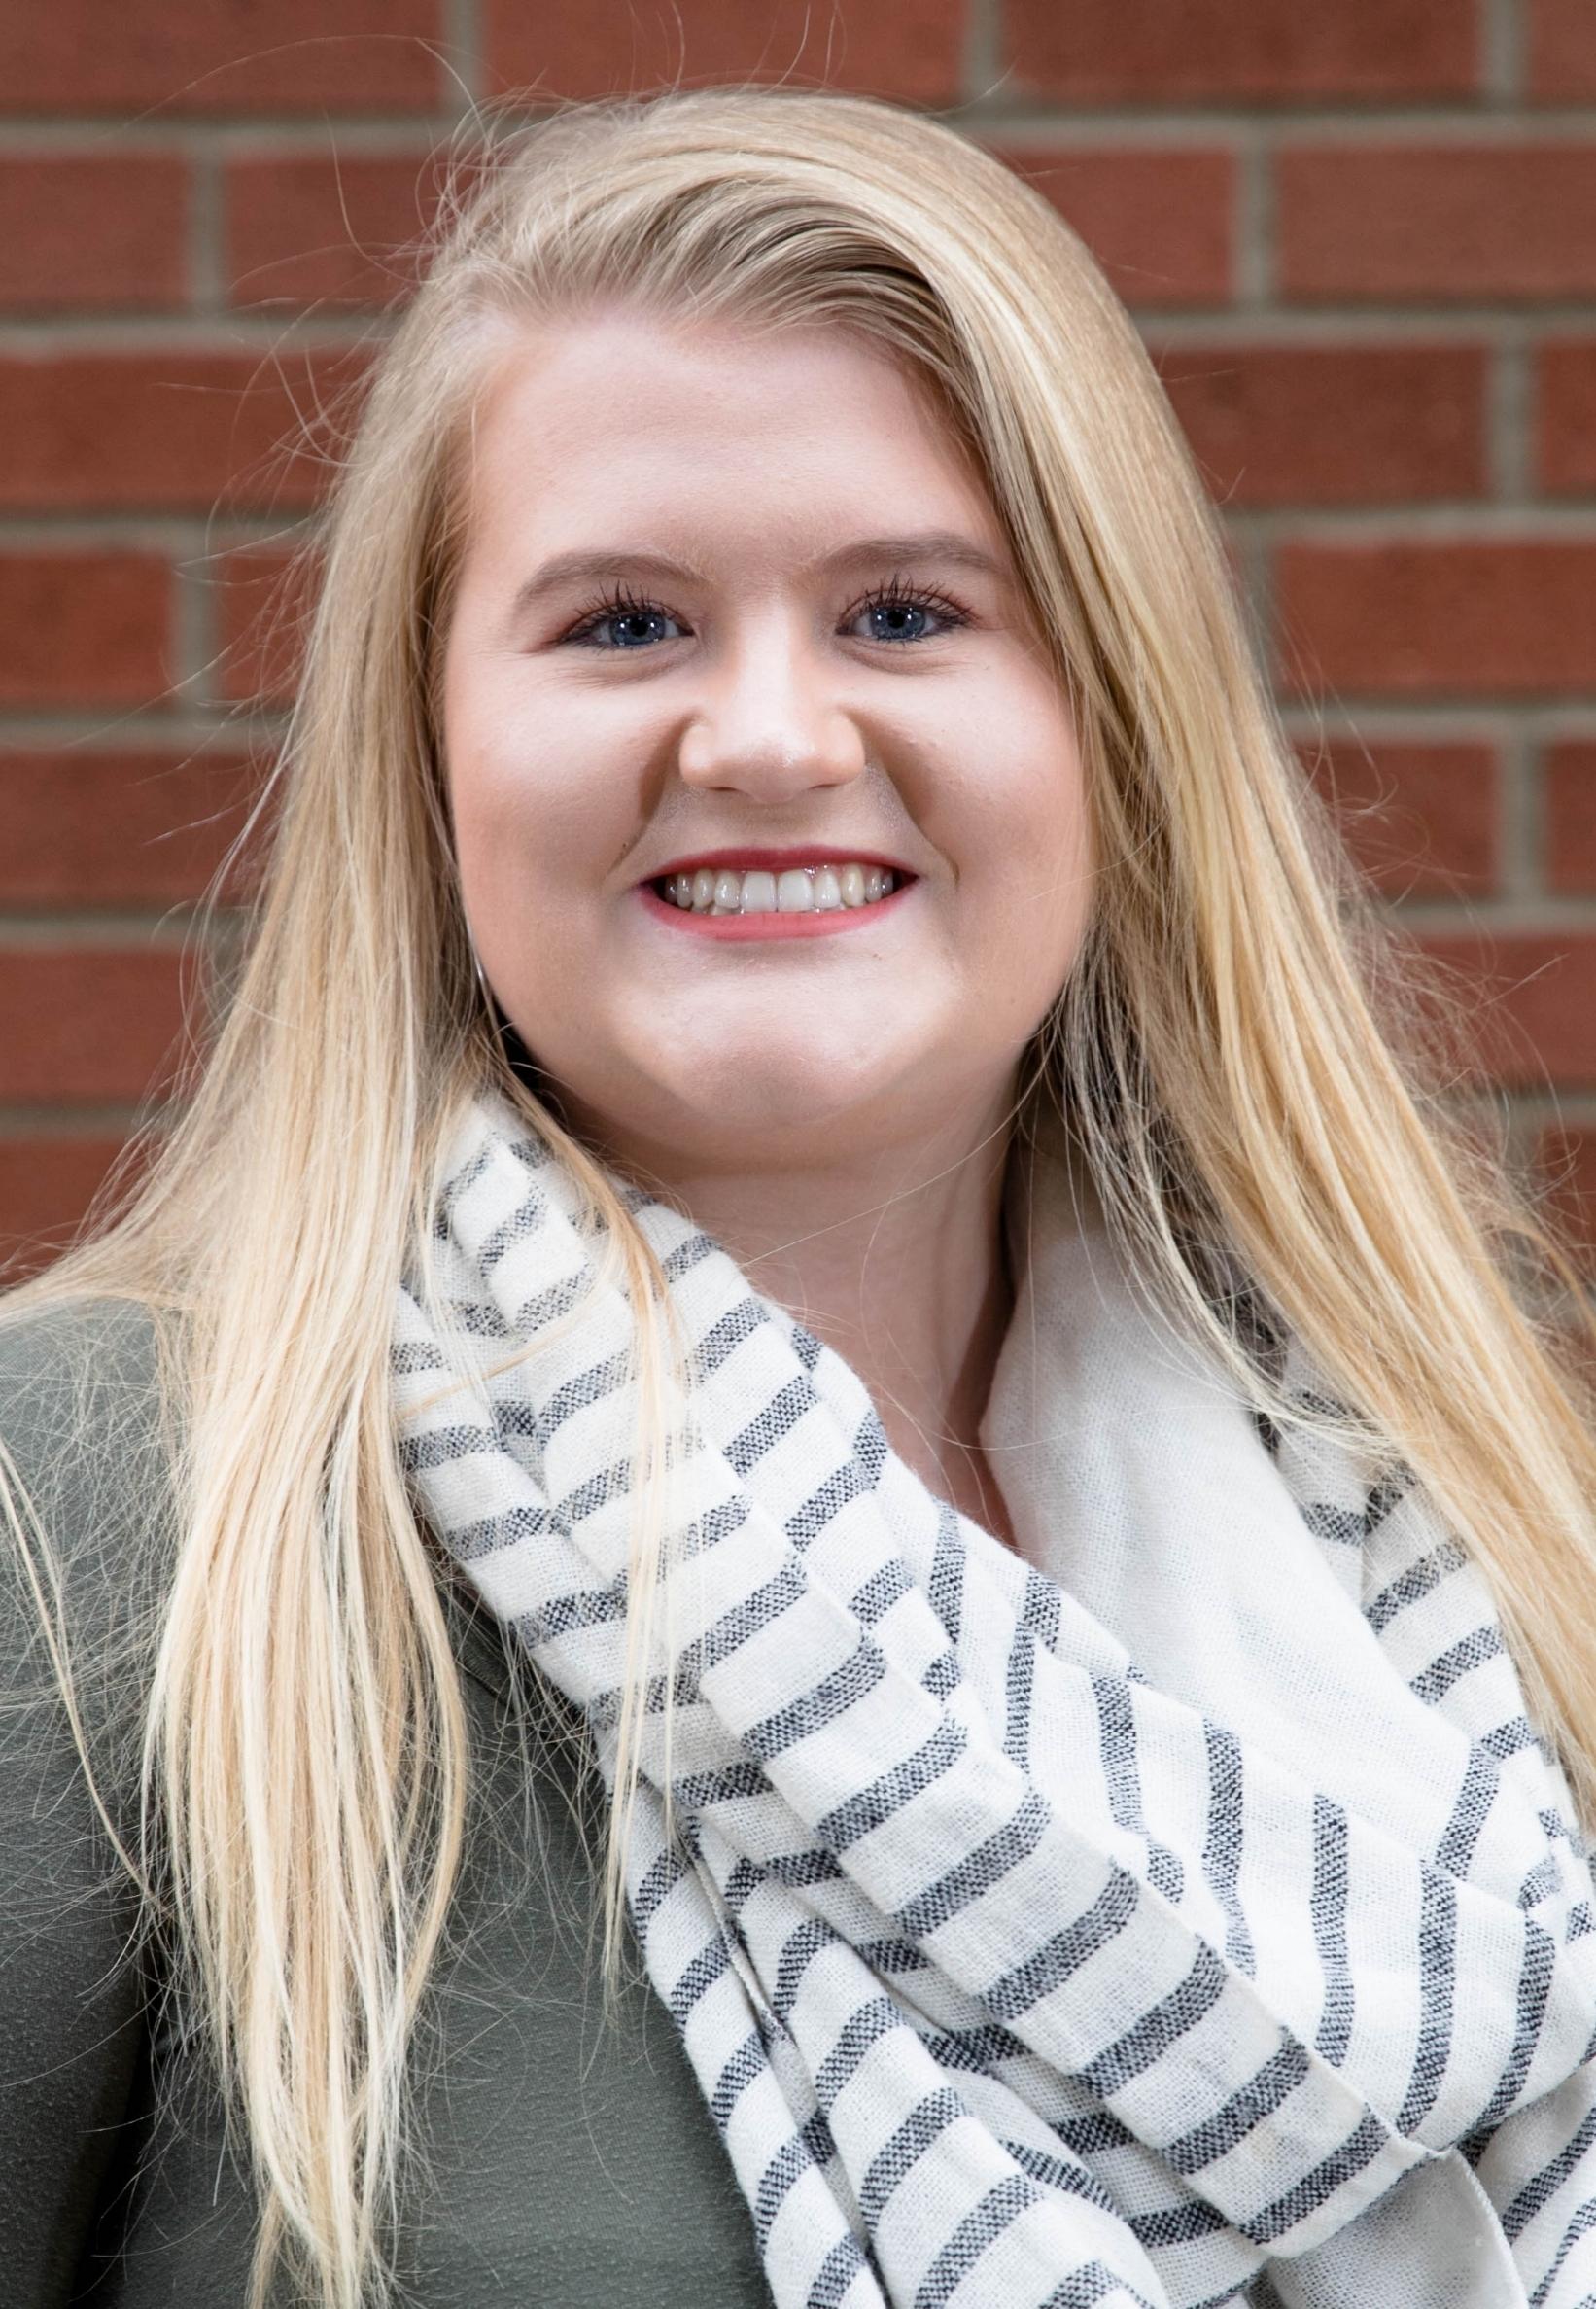 Associate Editor | Bailee Wicks